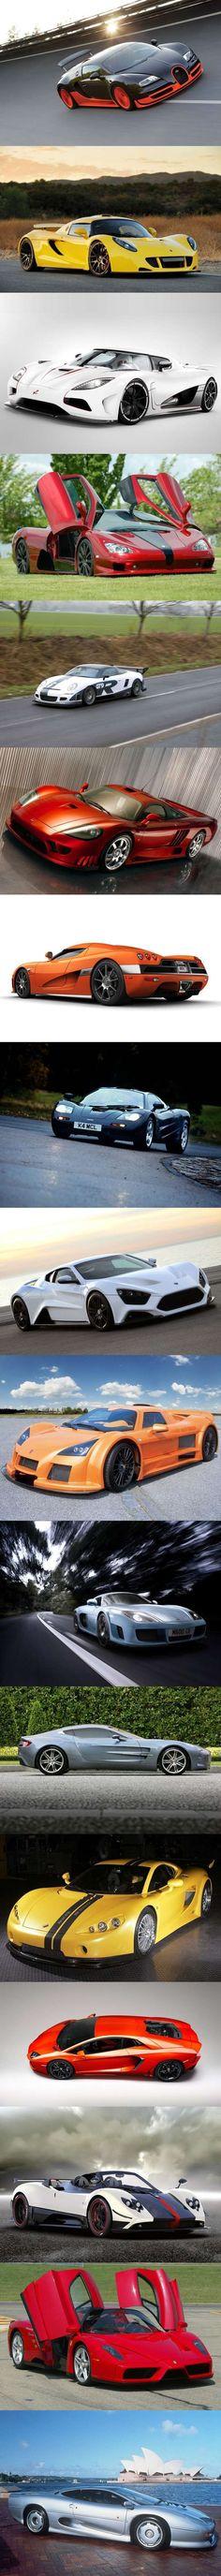 Bugatti Veyron Super Sport, Hennessey Venom GT, Koenigsegg Agera R, SSC Ultimate Aero, 9ff… -